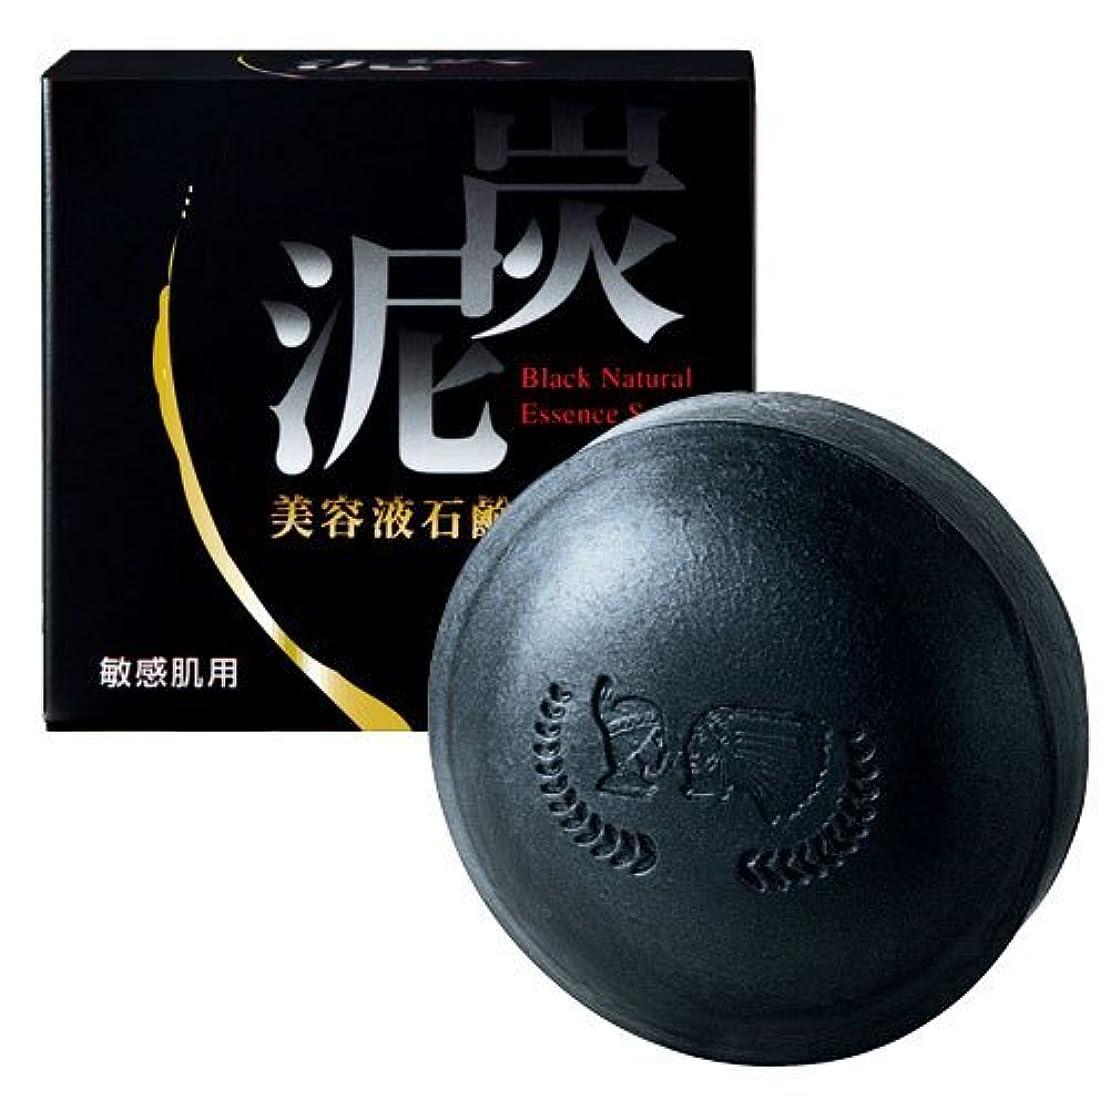 アジア啓発する敵対的ナチュラルガーデン 炭泥美容液石鹸1個+泡立てネット